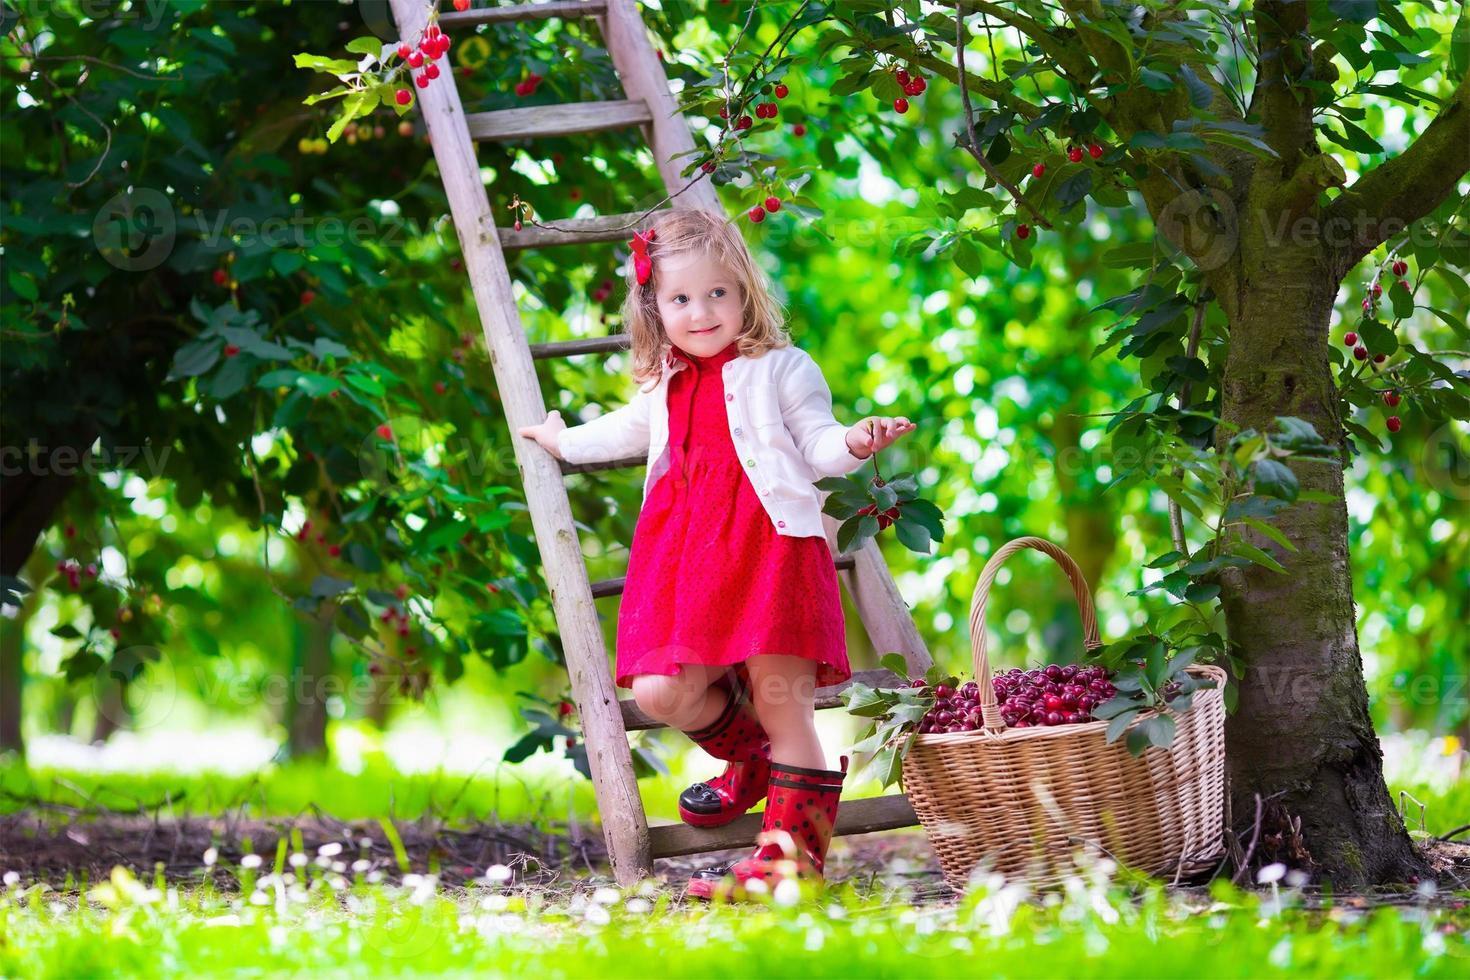 belle petite fille cueillant des cerises fraîches dans le jardin photo